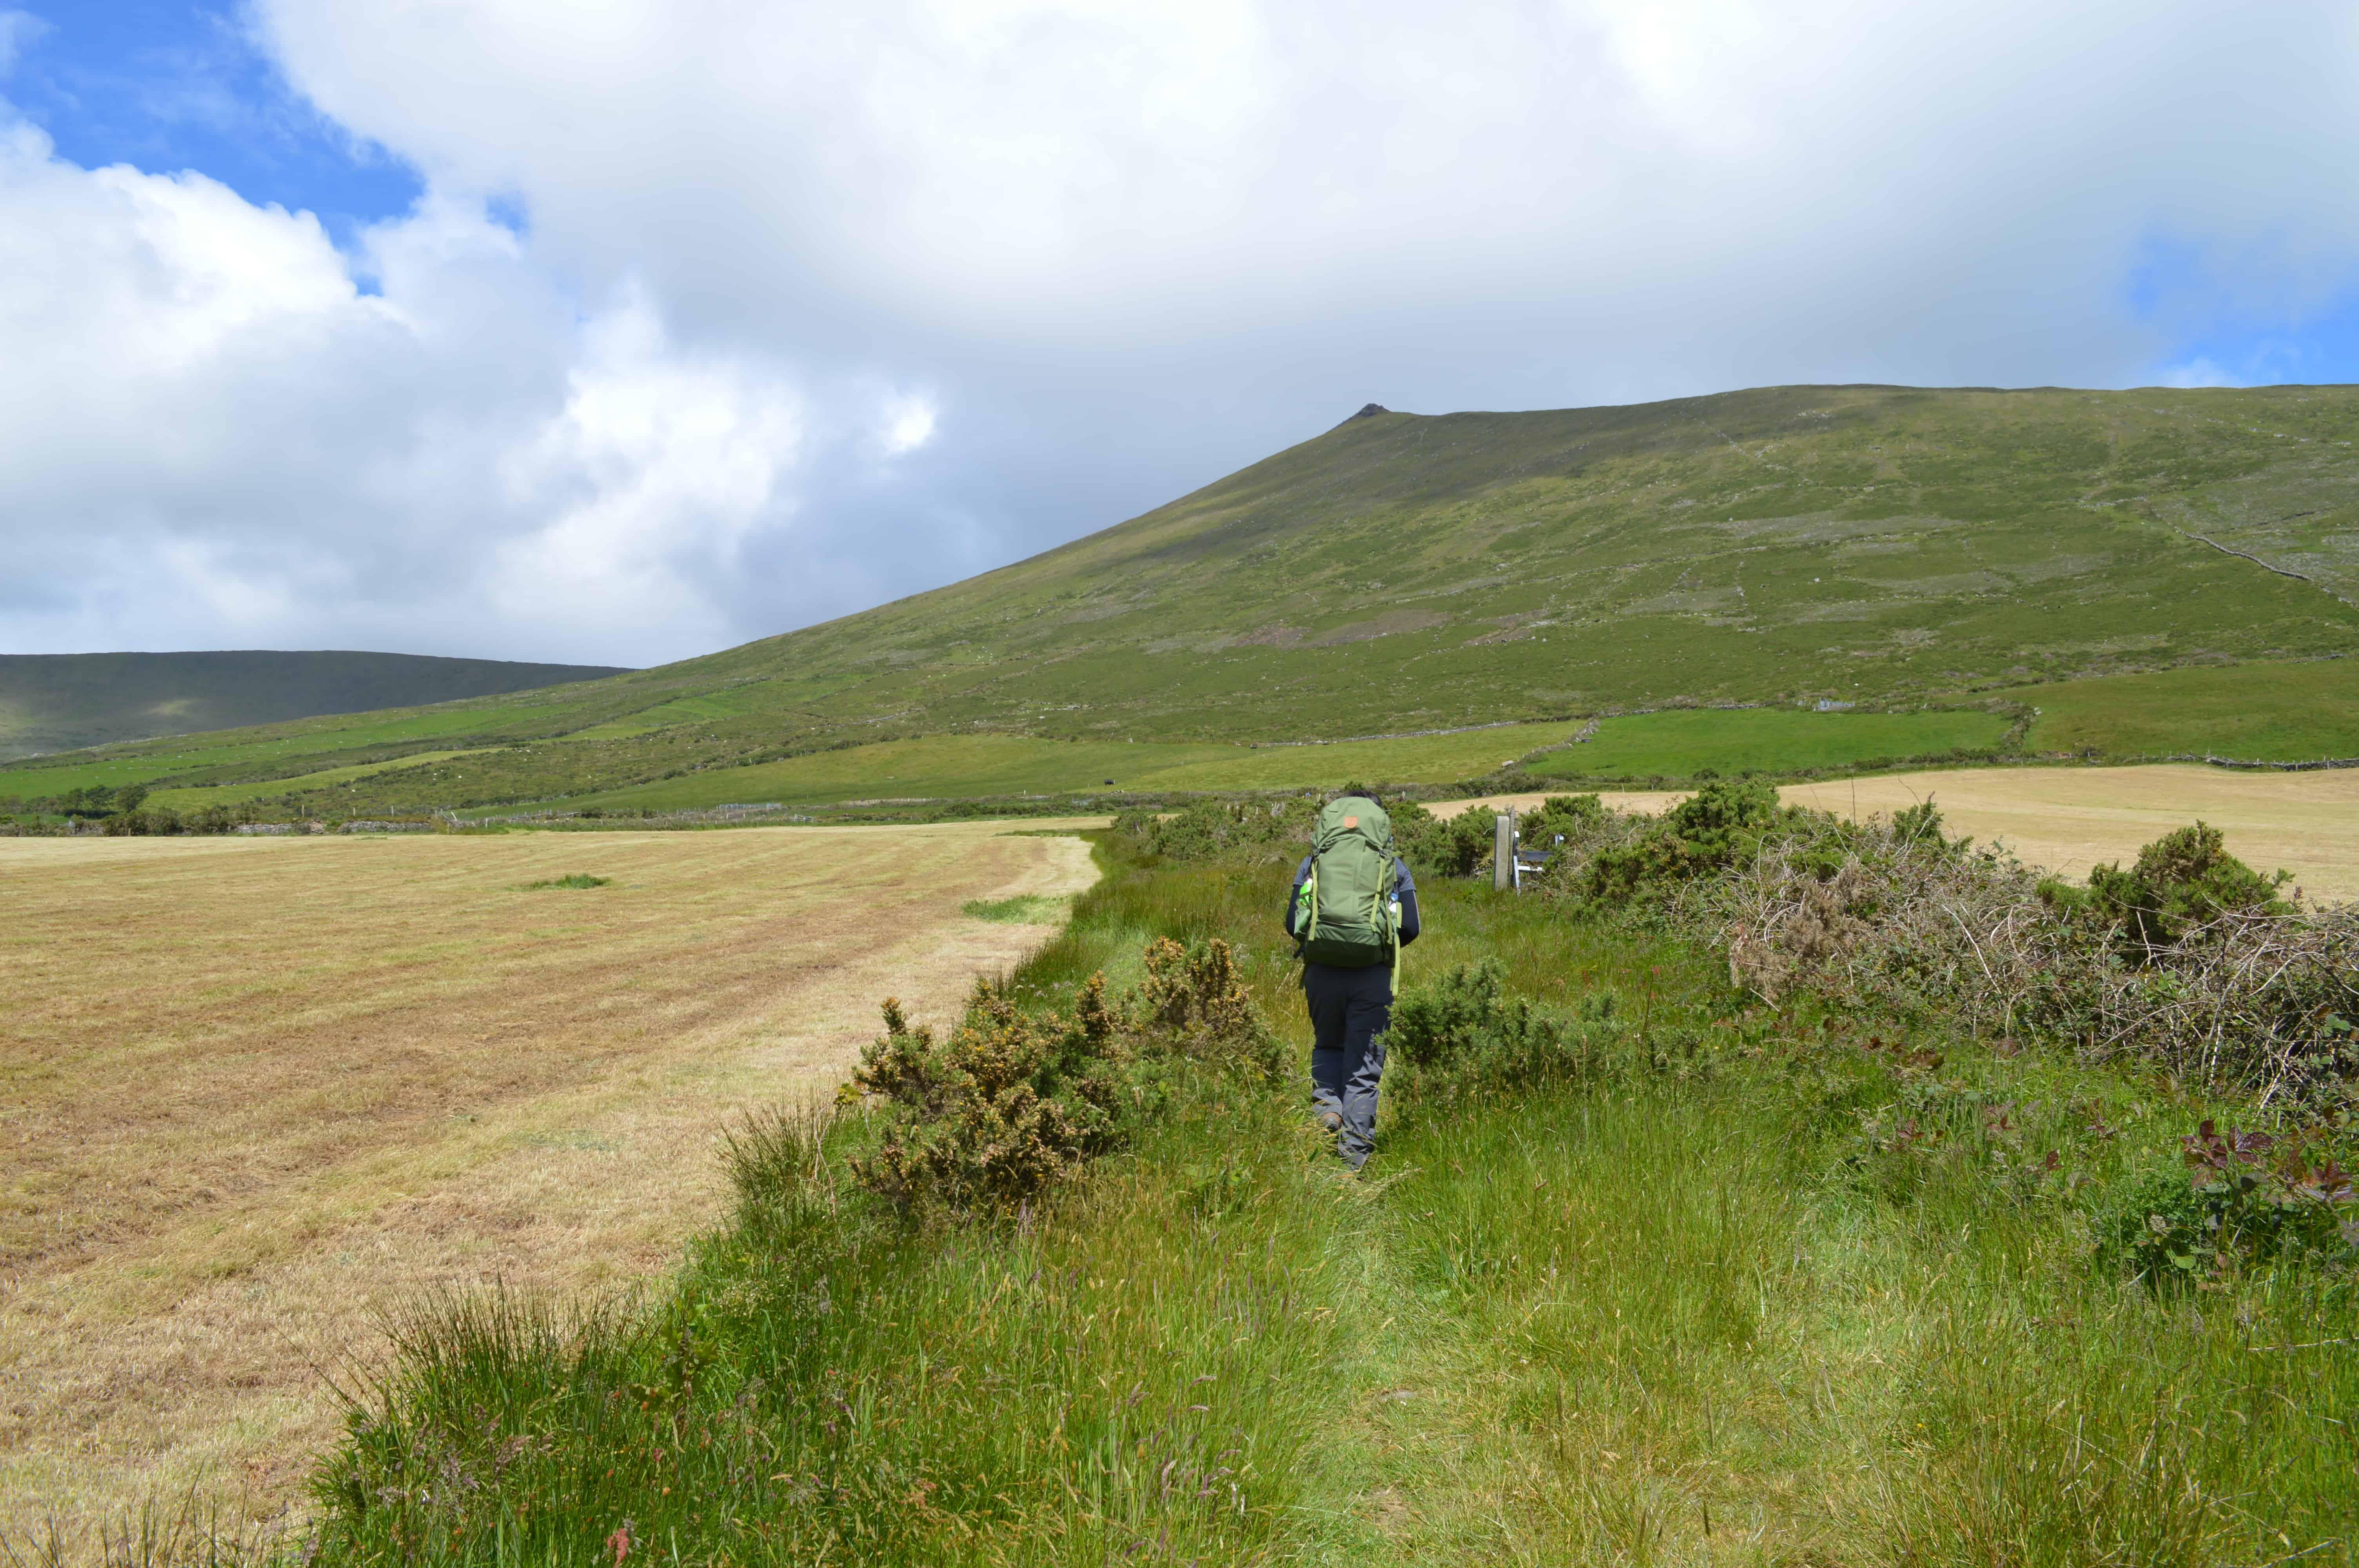 Wandelen langs een veld - Dingleway - HappyHikers